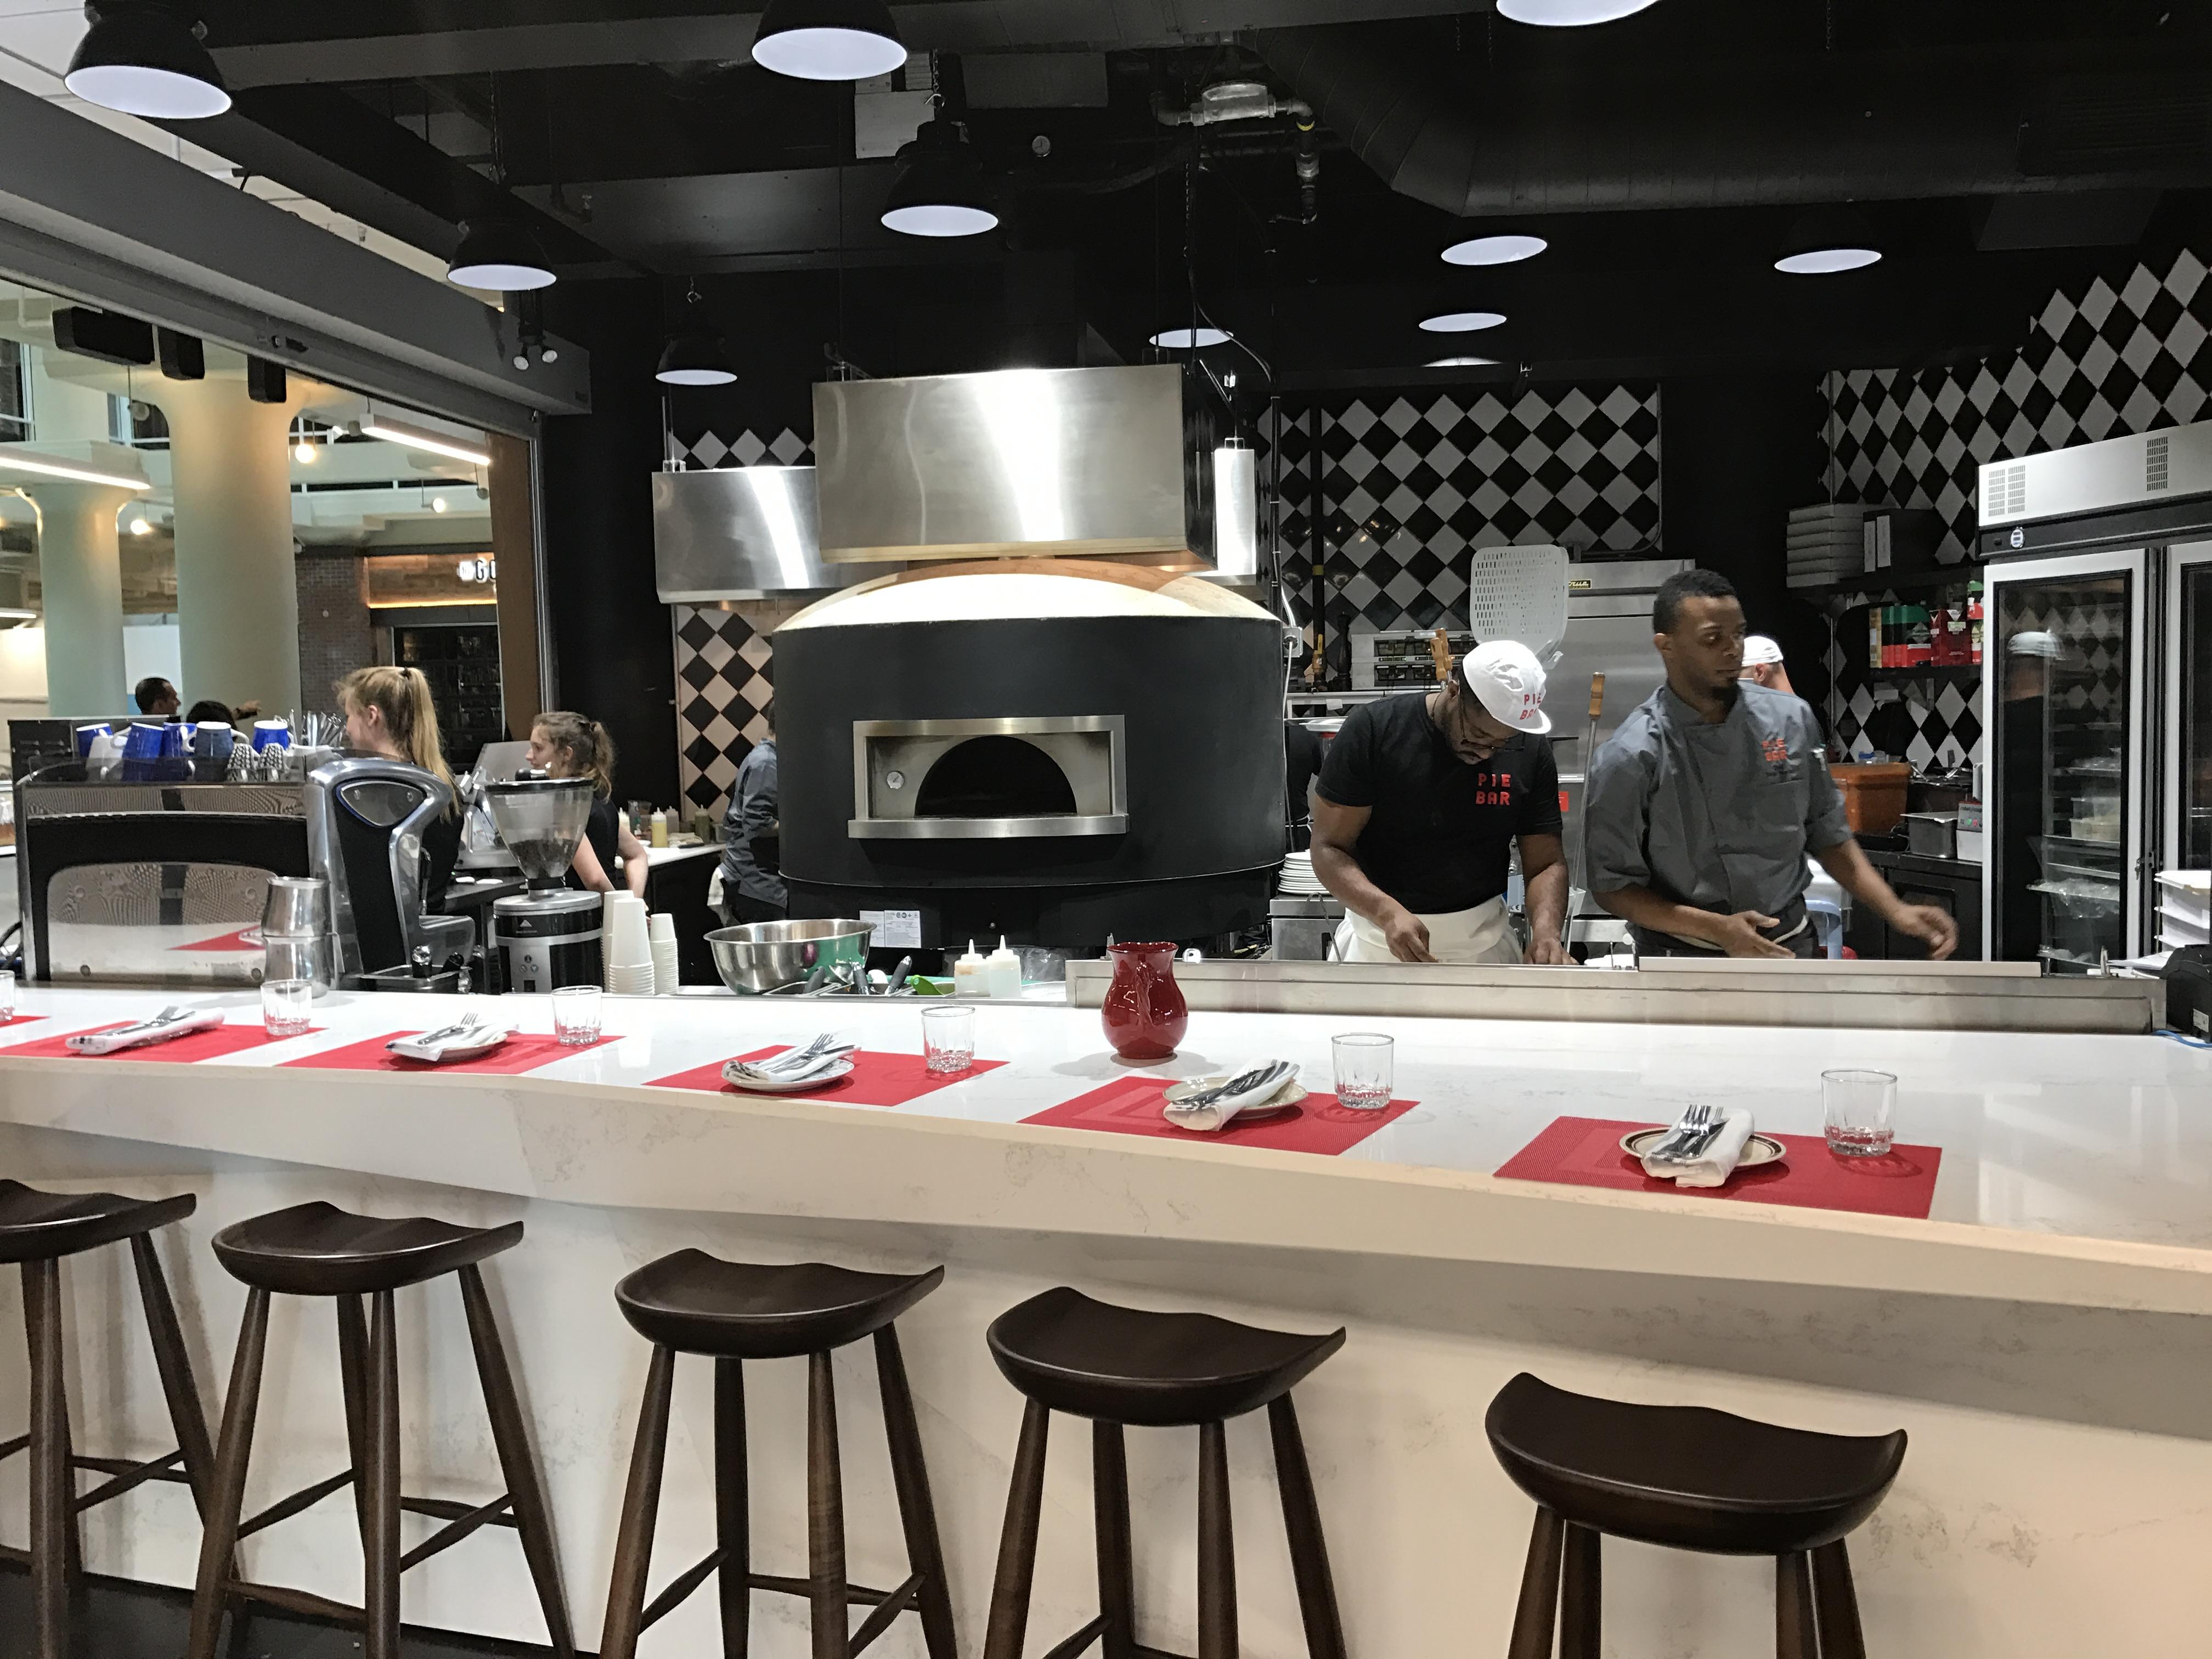 Pie Bar Pizzeria & Cocktails - Toronto